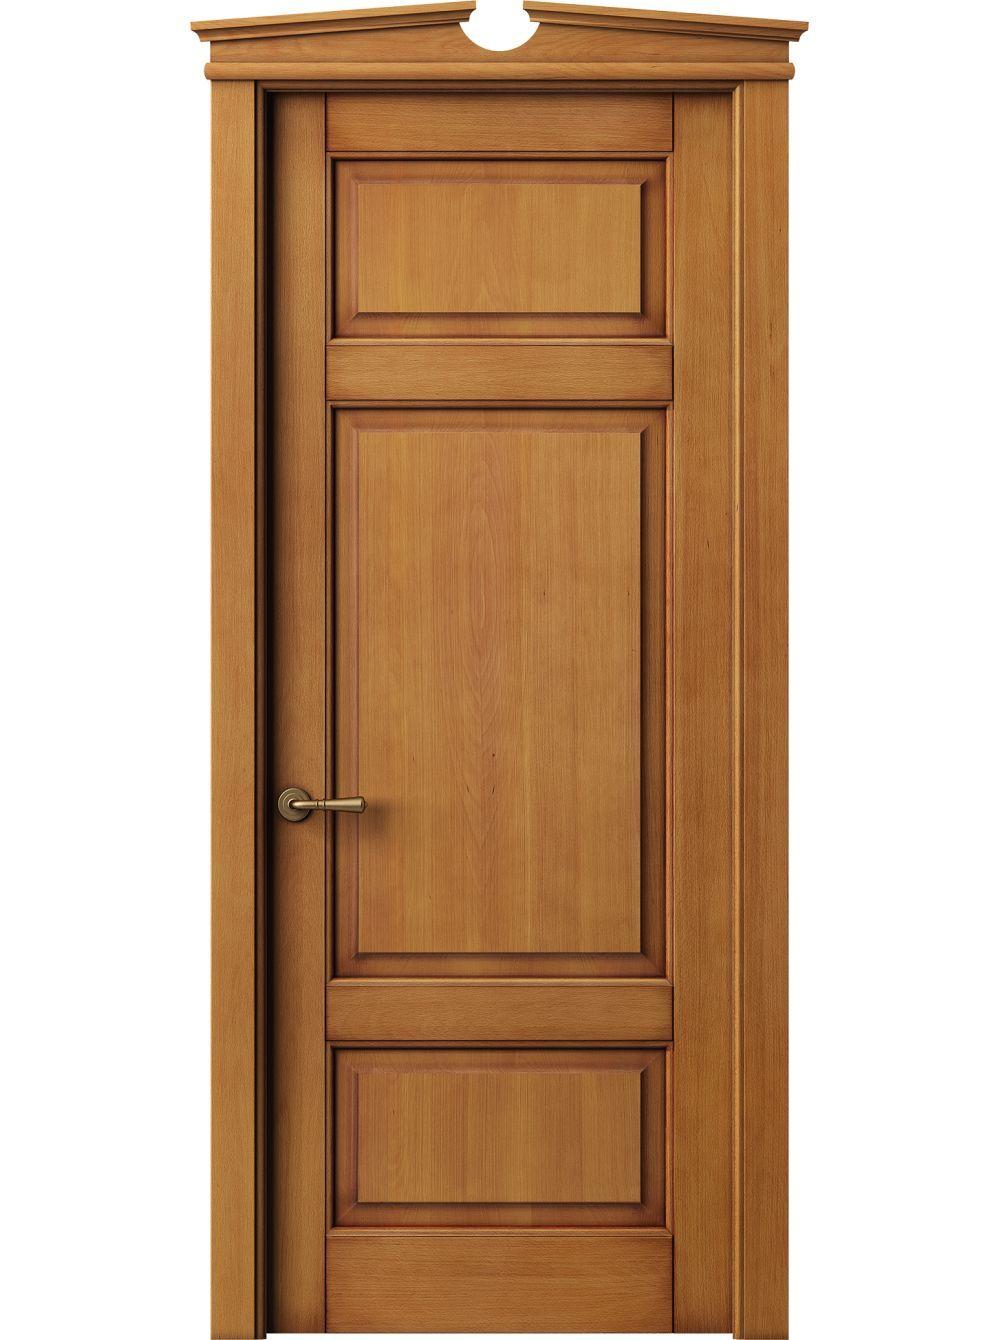 Interior Door tuscan interior doors pictures : Sarto Toscana Plano 6307 Interior Door Beech Light Patina ...